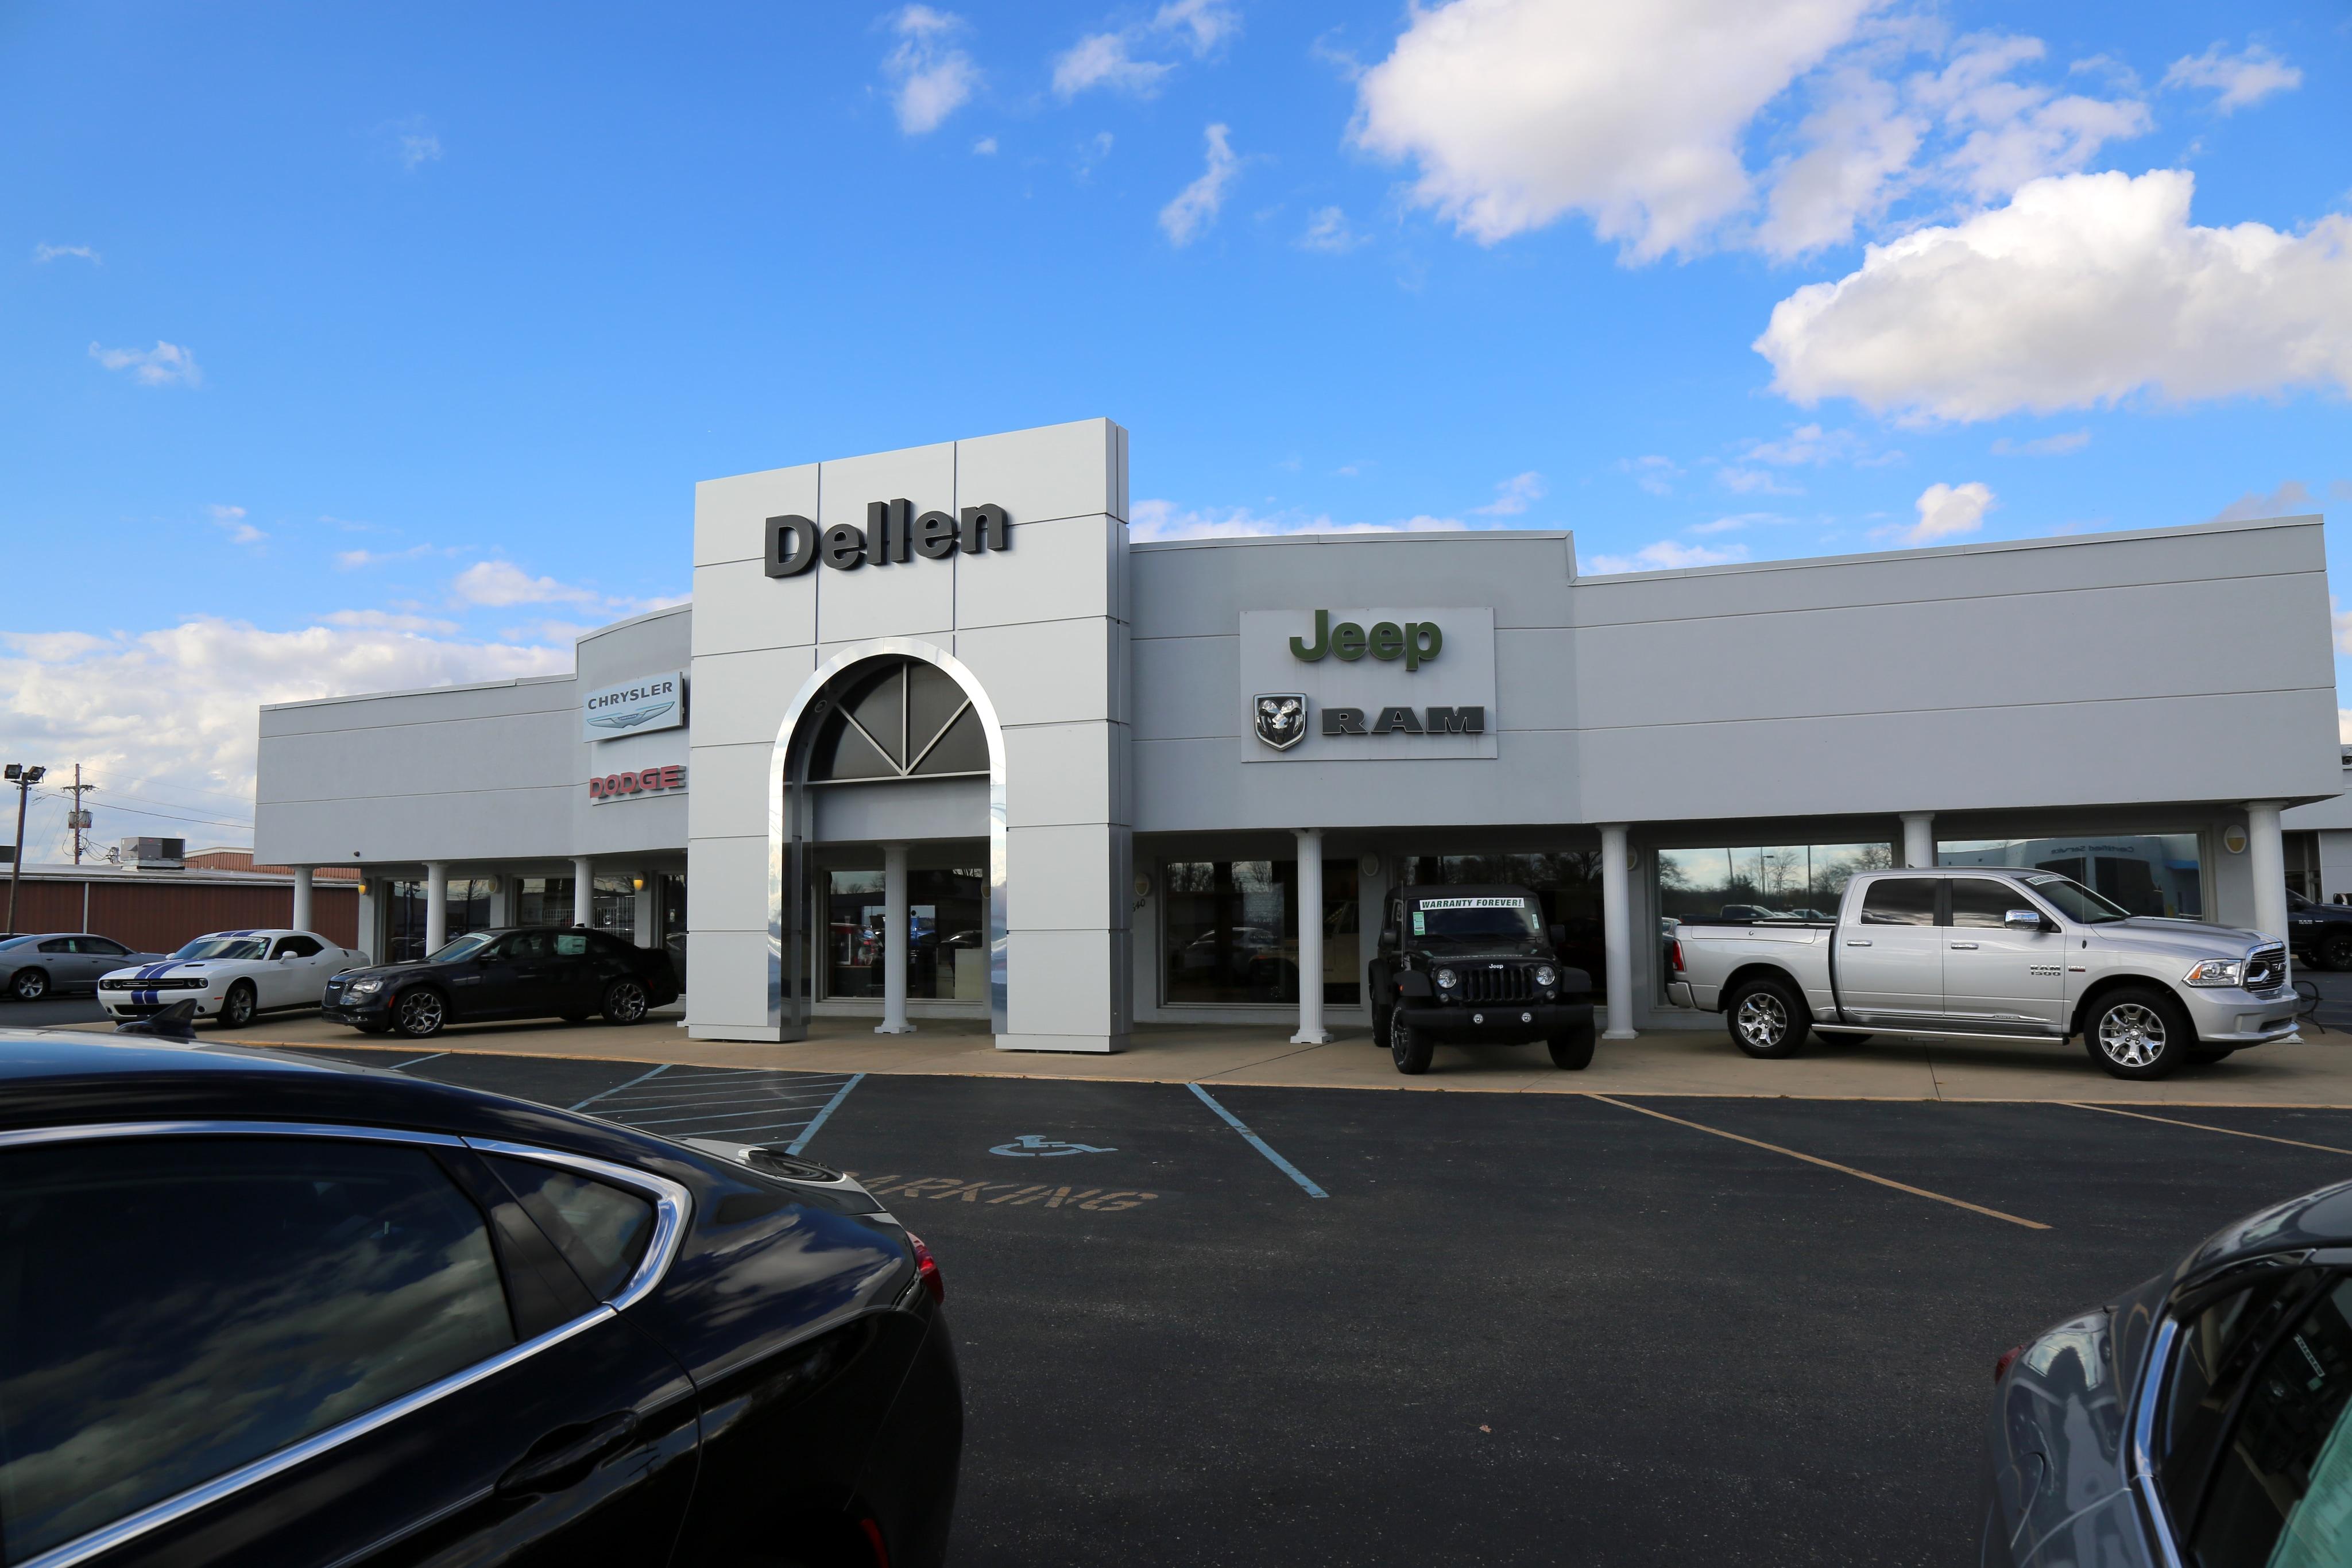 dellen chrysler dodge jeep ram  chrysler dodge jeep ram dealership  greenfield